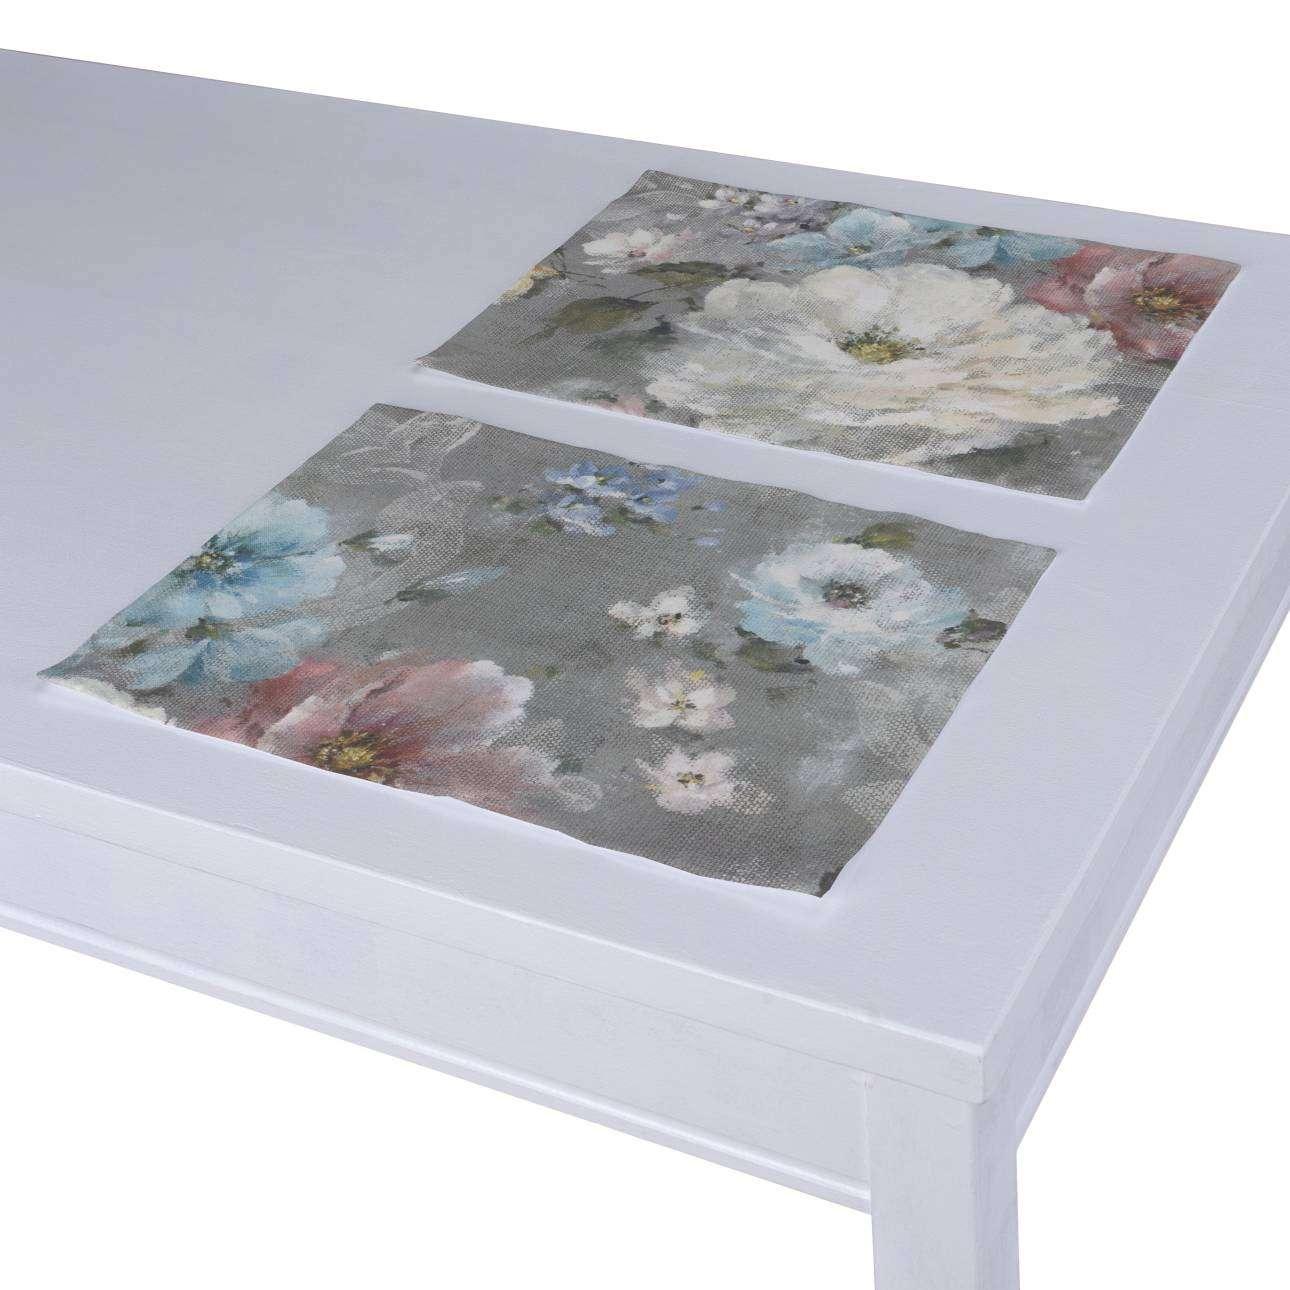 Tischset 2 Stck. 30 x 40 cm von der Kollektion Monet, Stoff: 137-81